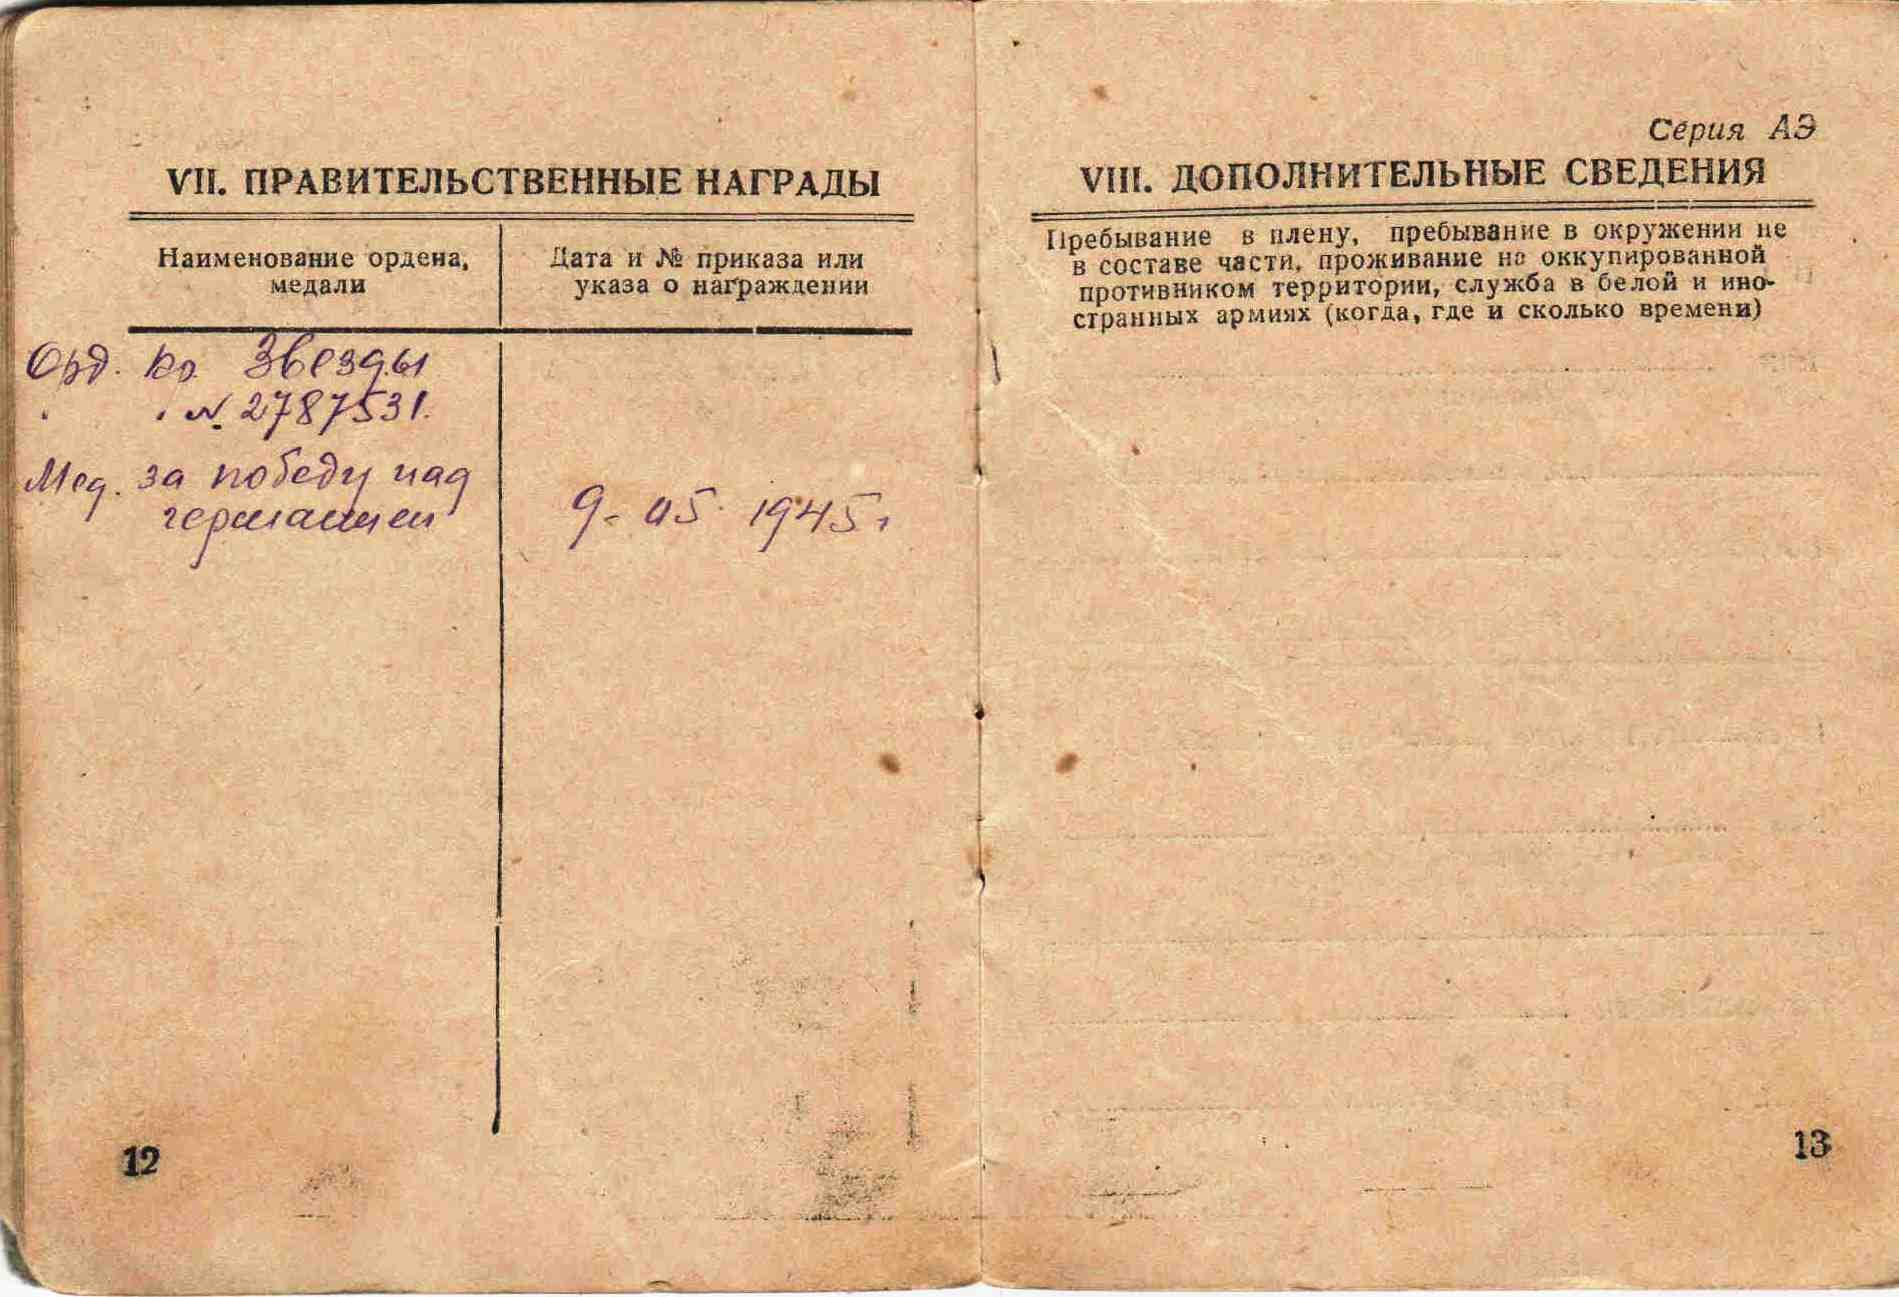 5. Военный билет, Таучелов Р.Н. (5)